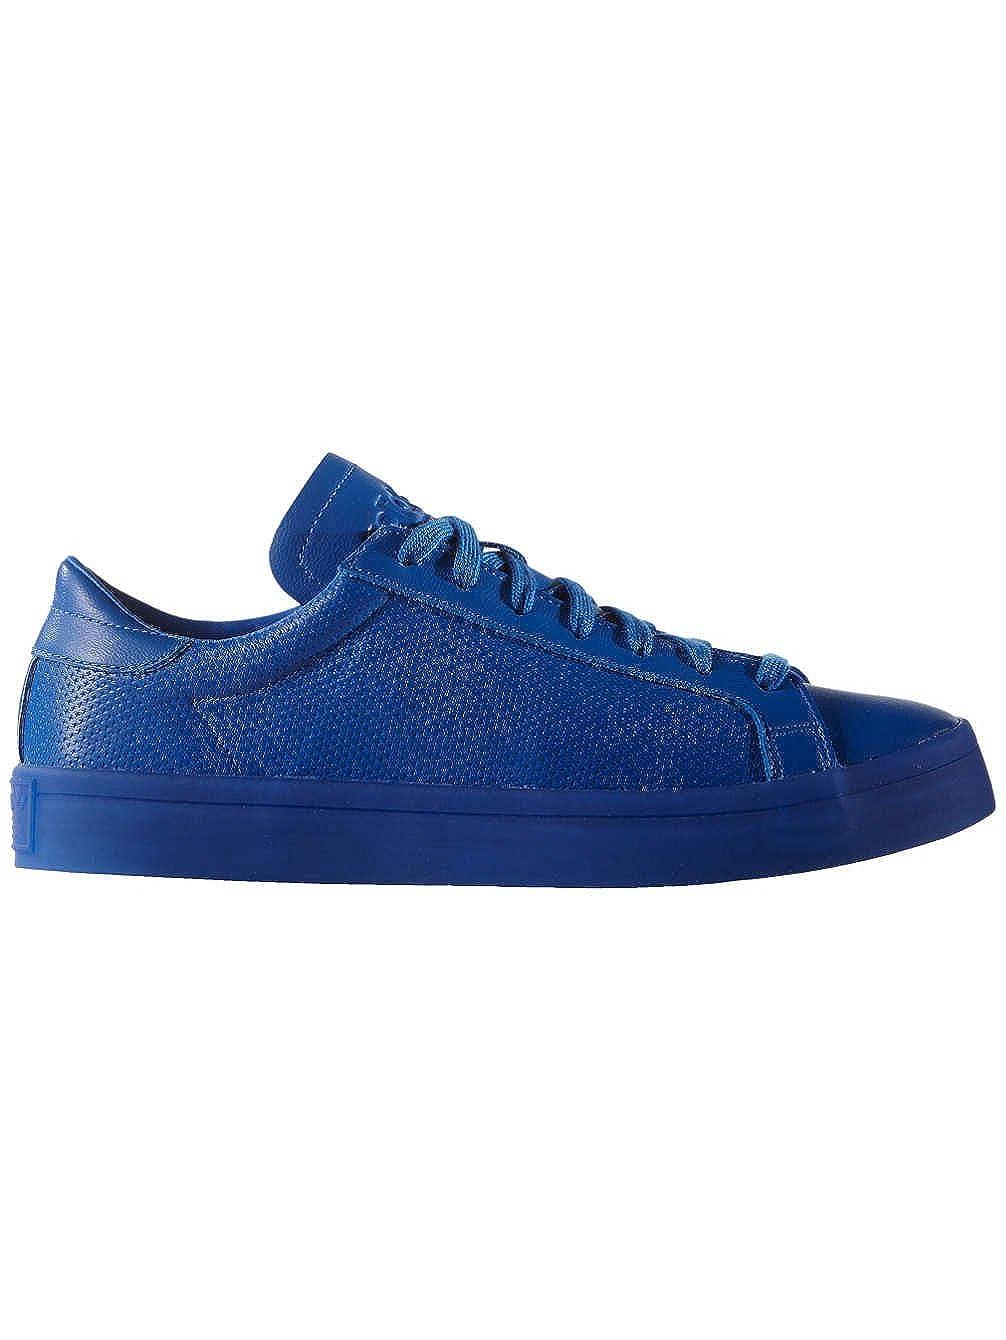 Adidas Herren Herren Herren Courtvantage Basketballschuhe Blau acd461